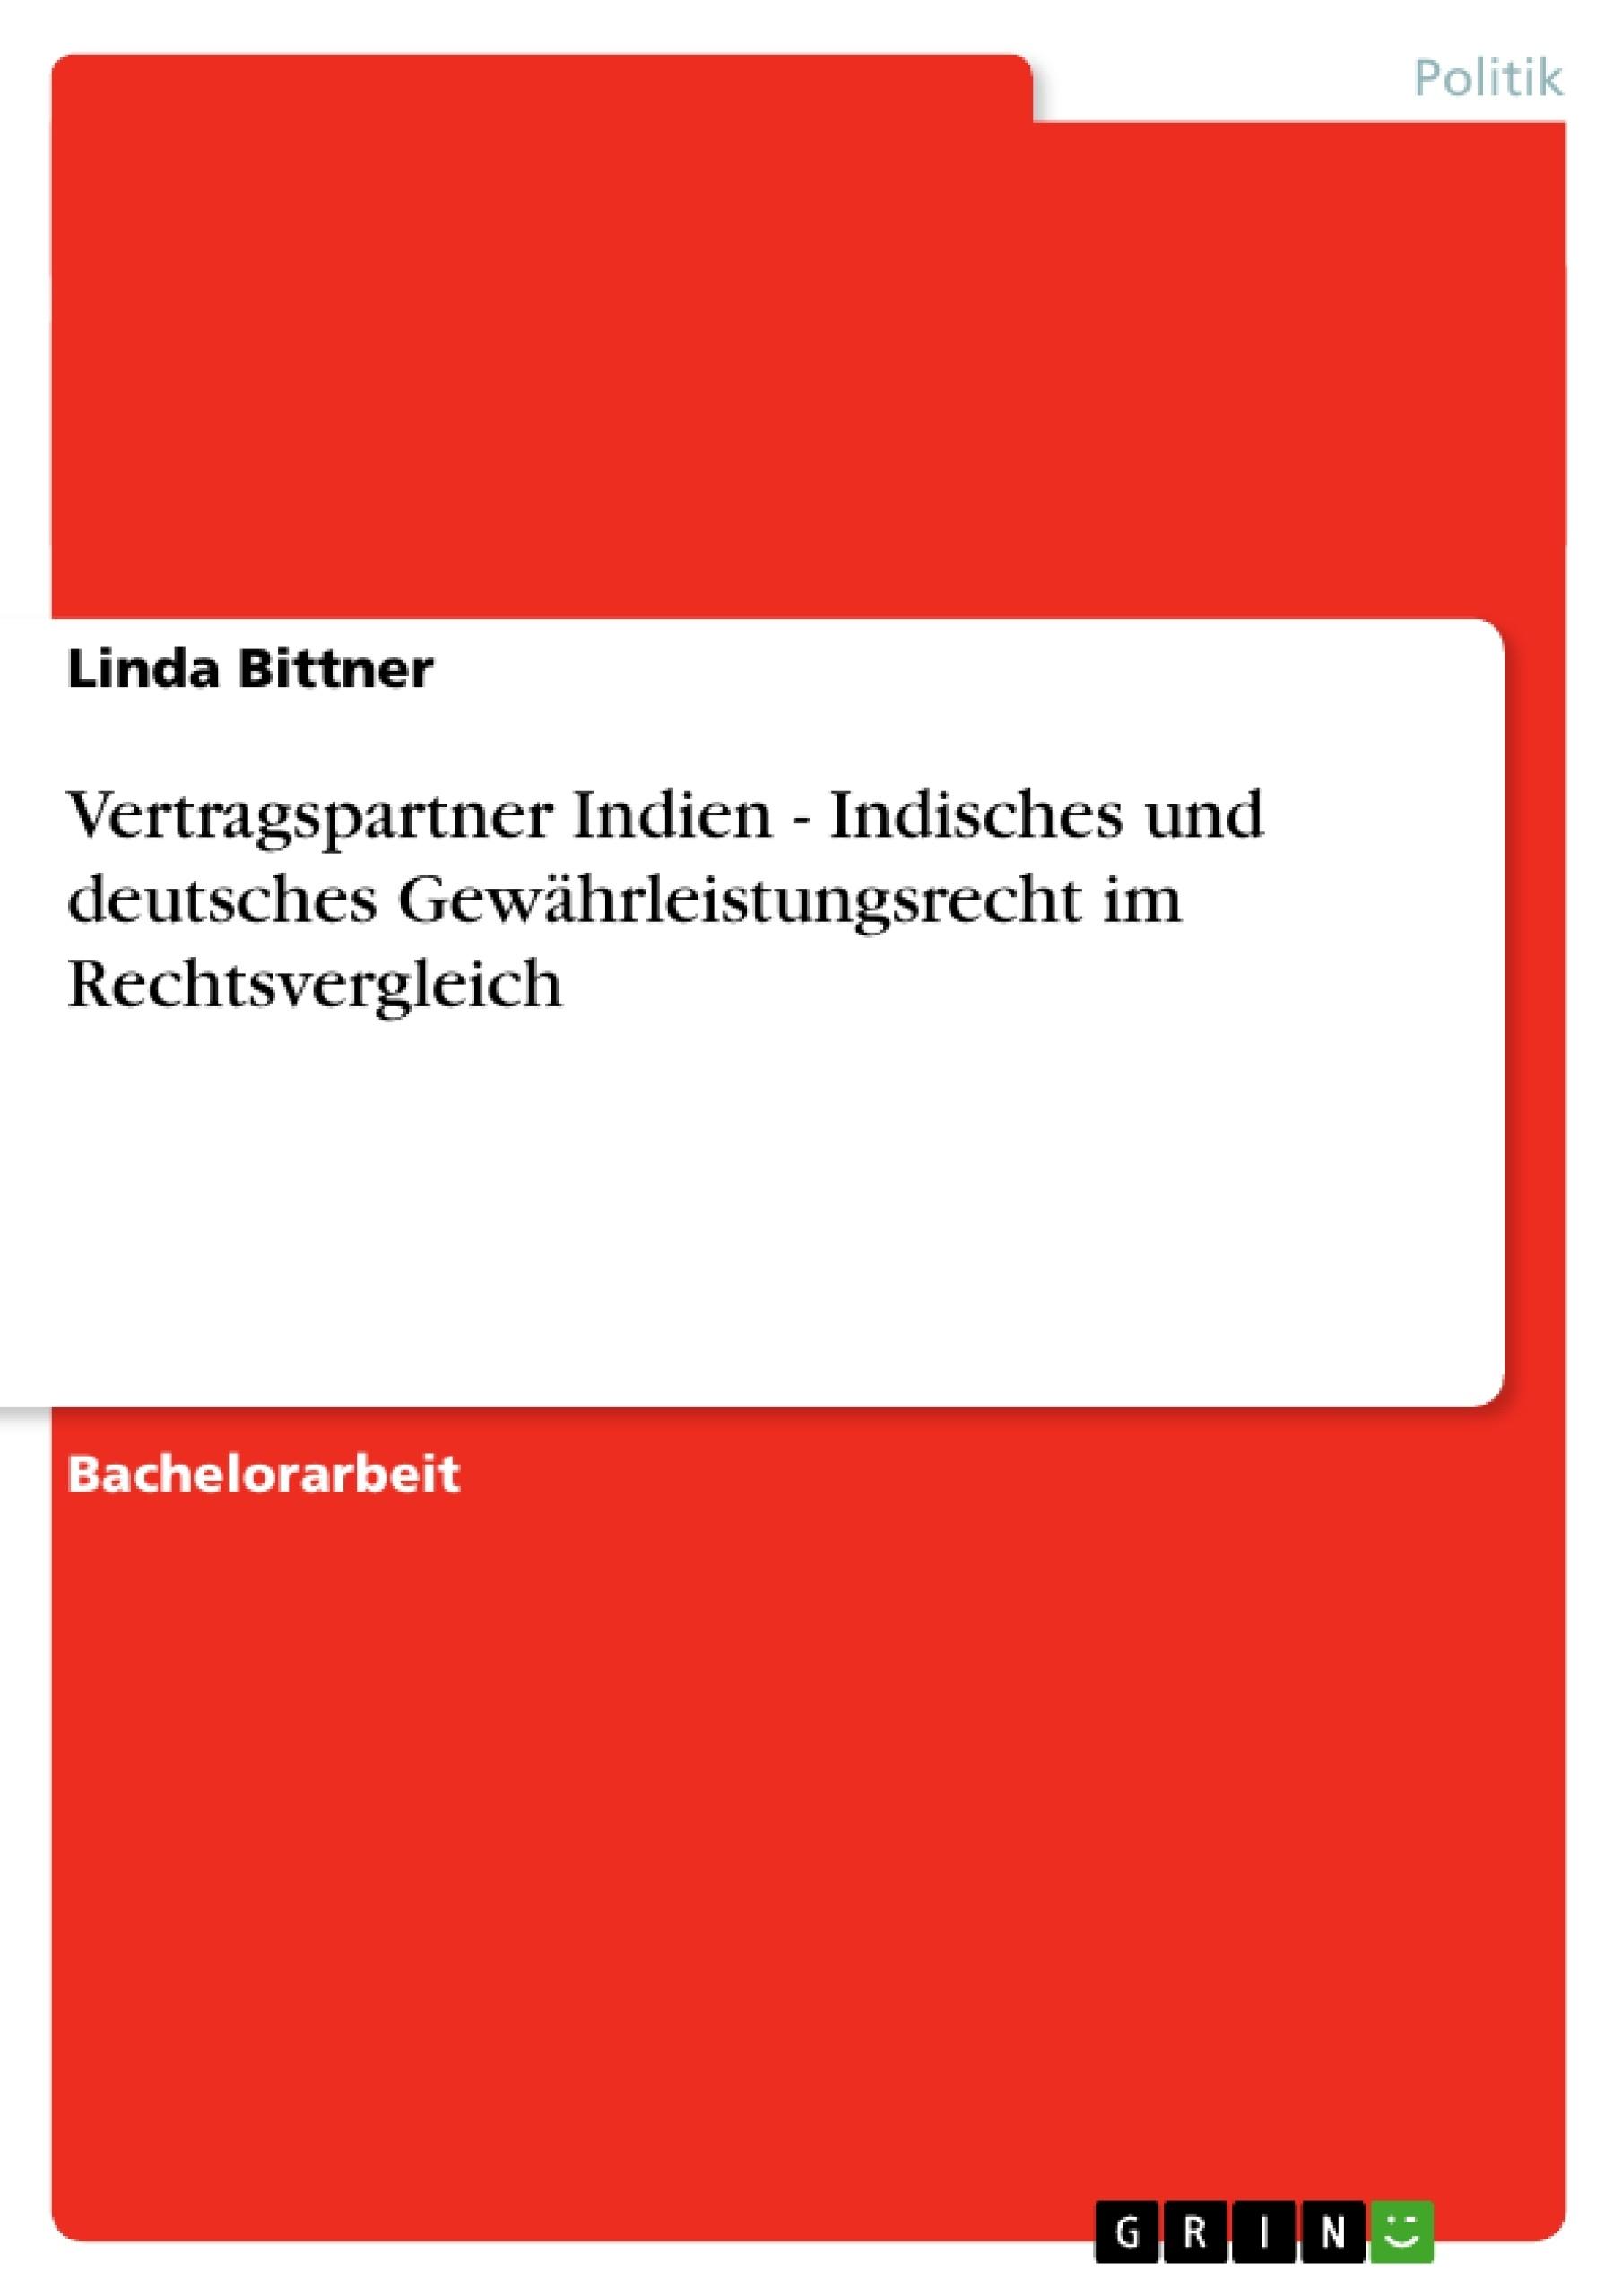 Titel: Vertragspartner Indien - Indisches und deutsches Gewährleistungsrecht im Rechtsvergleich